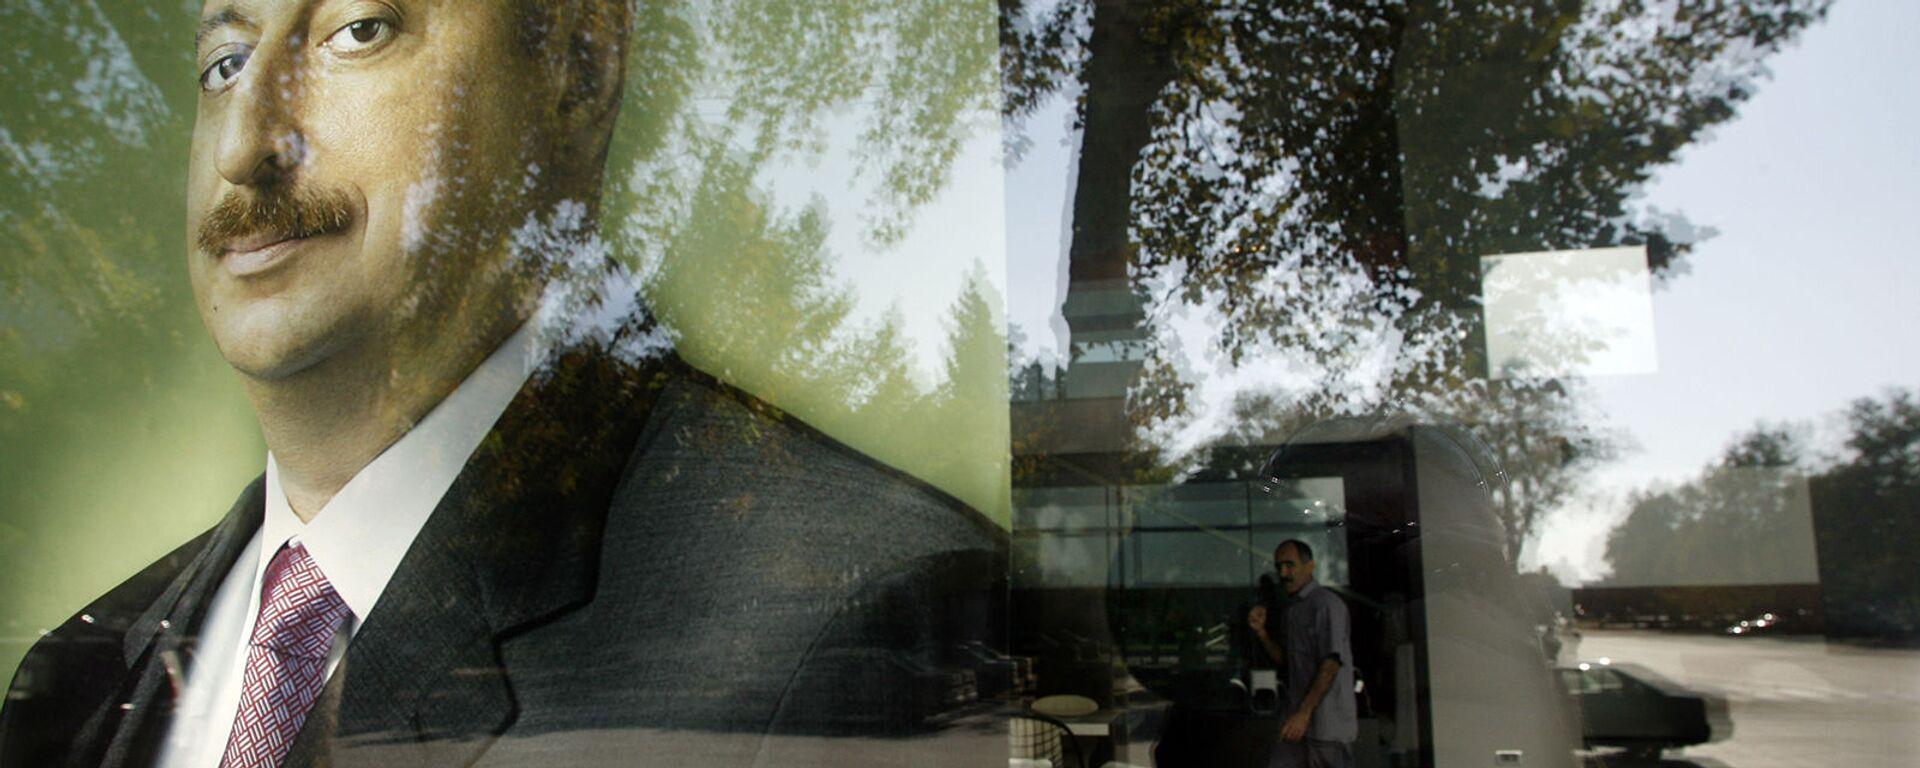 Предвыборный плакат президента Азербайджана Ильхама Алиева в отражении витрины (13 2008). - Sputnik Արմենիա, 1920, 27.09.2021